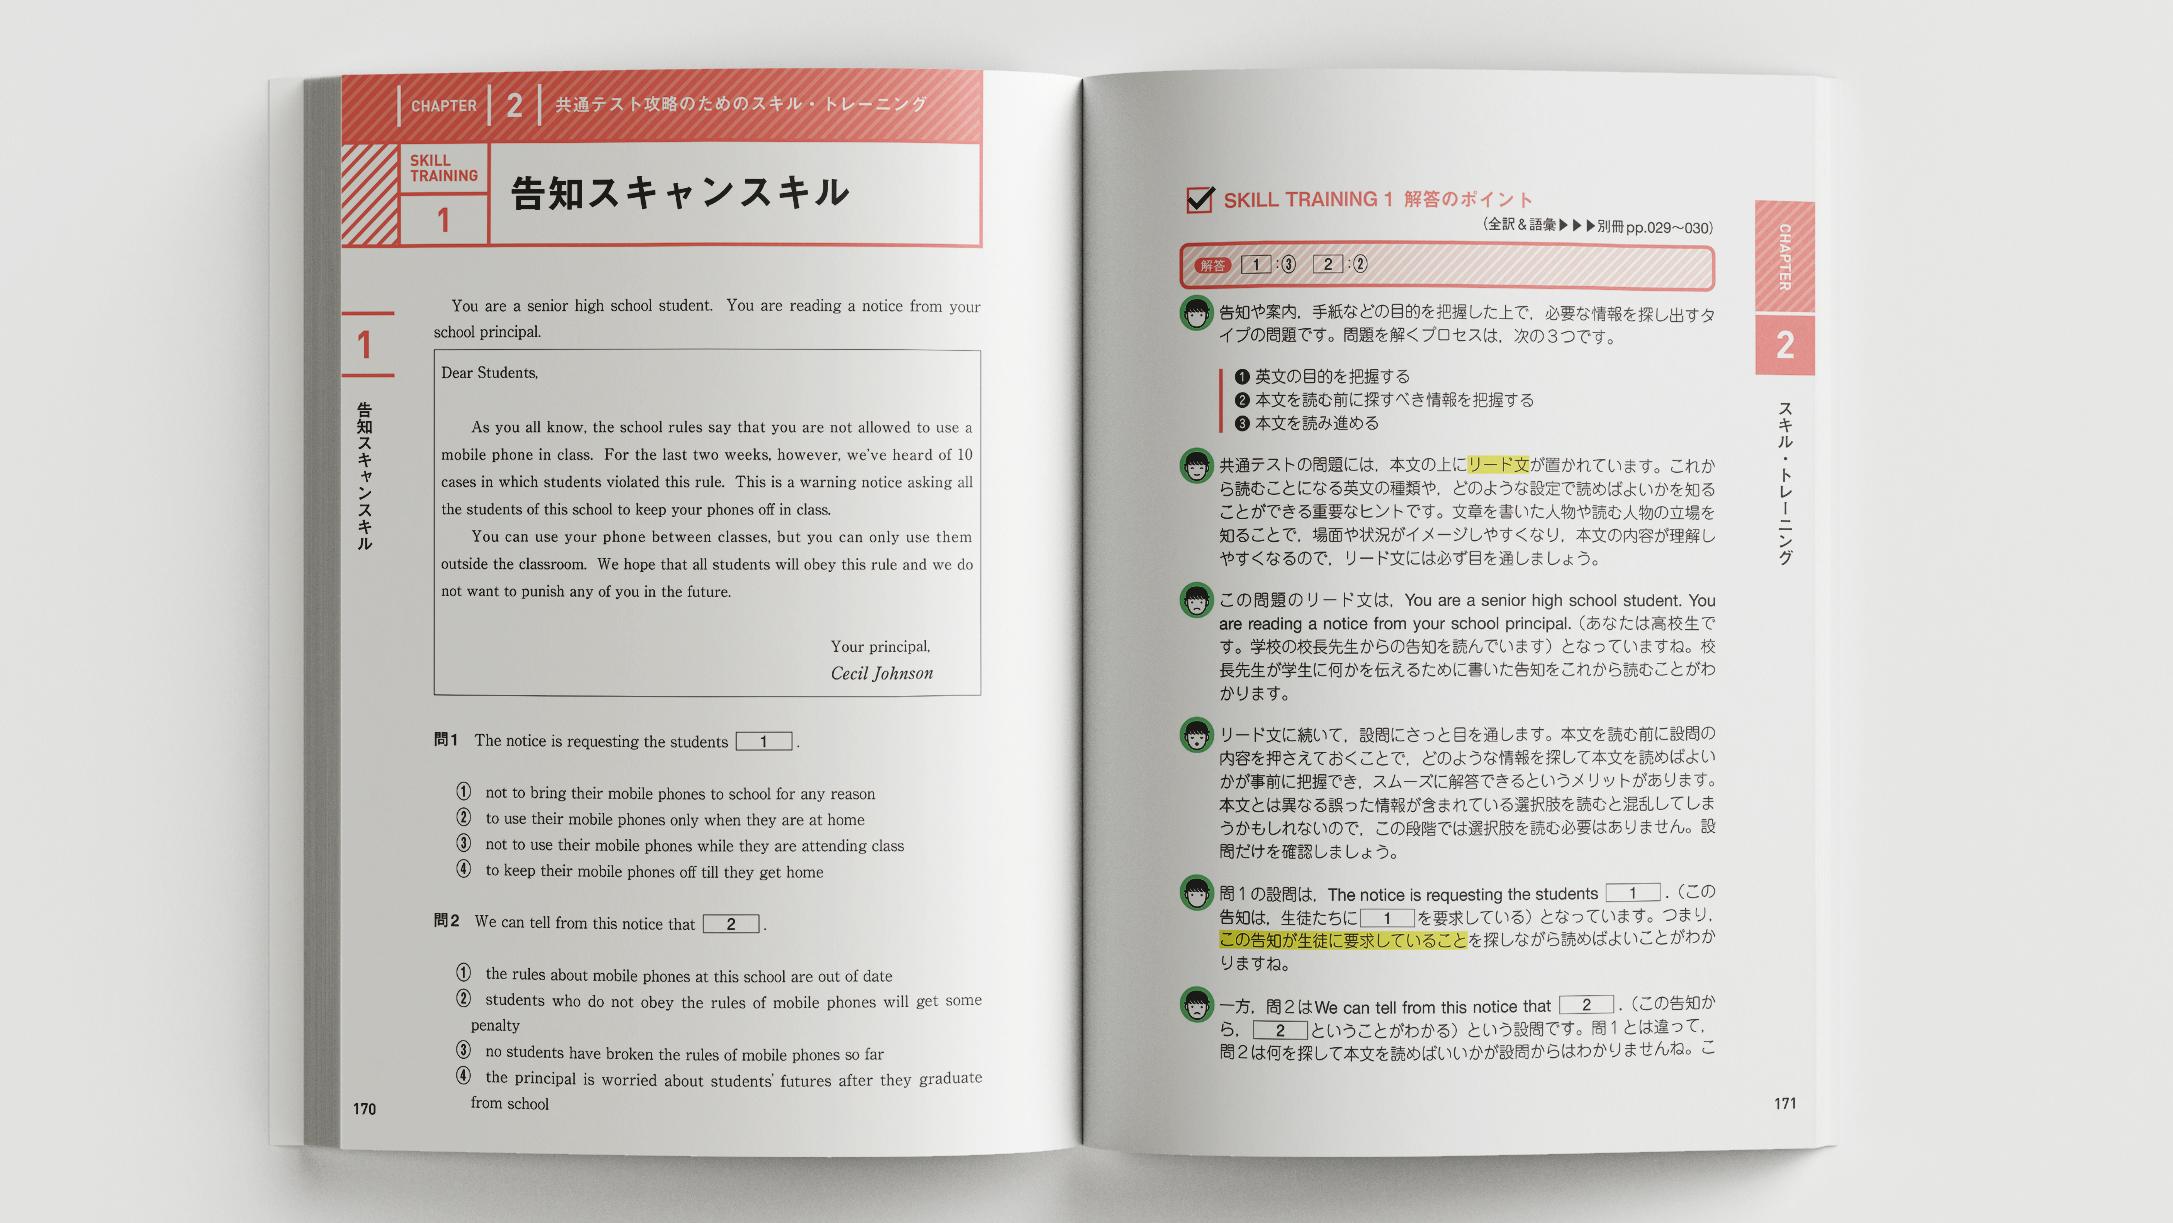 「スキル・トレーニング」本誌紙面